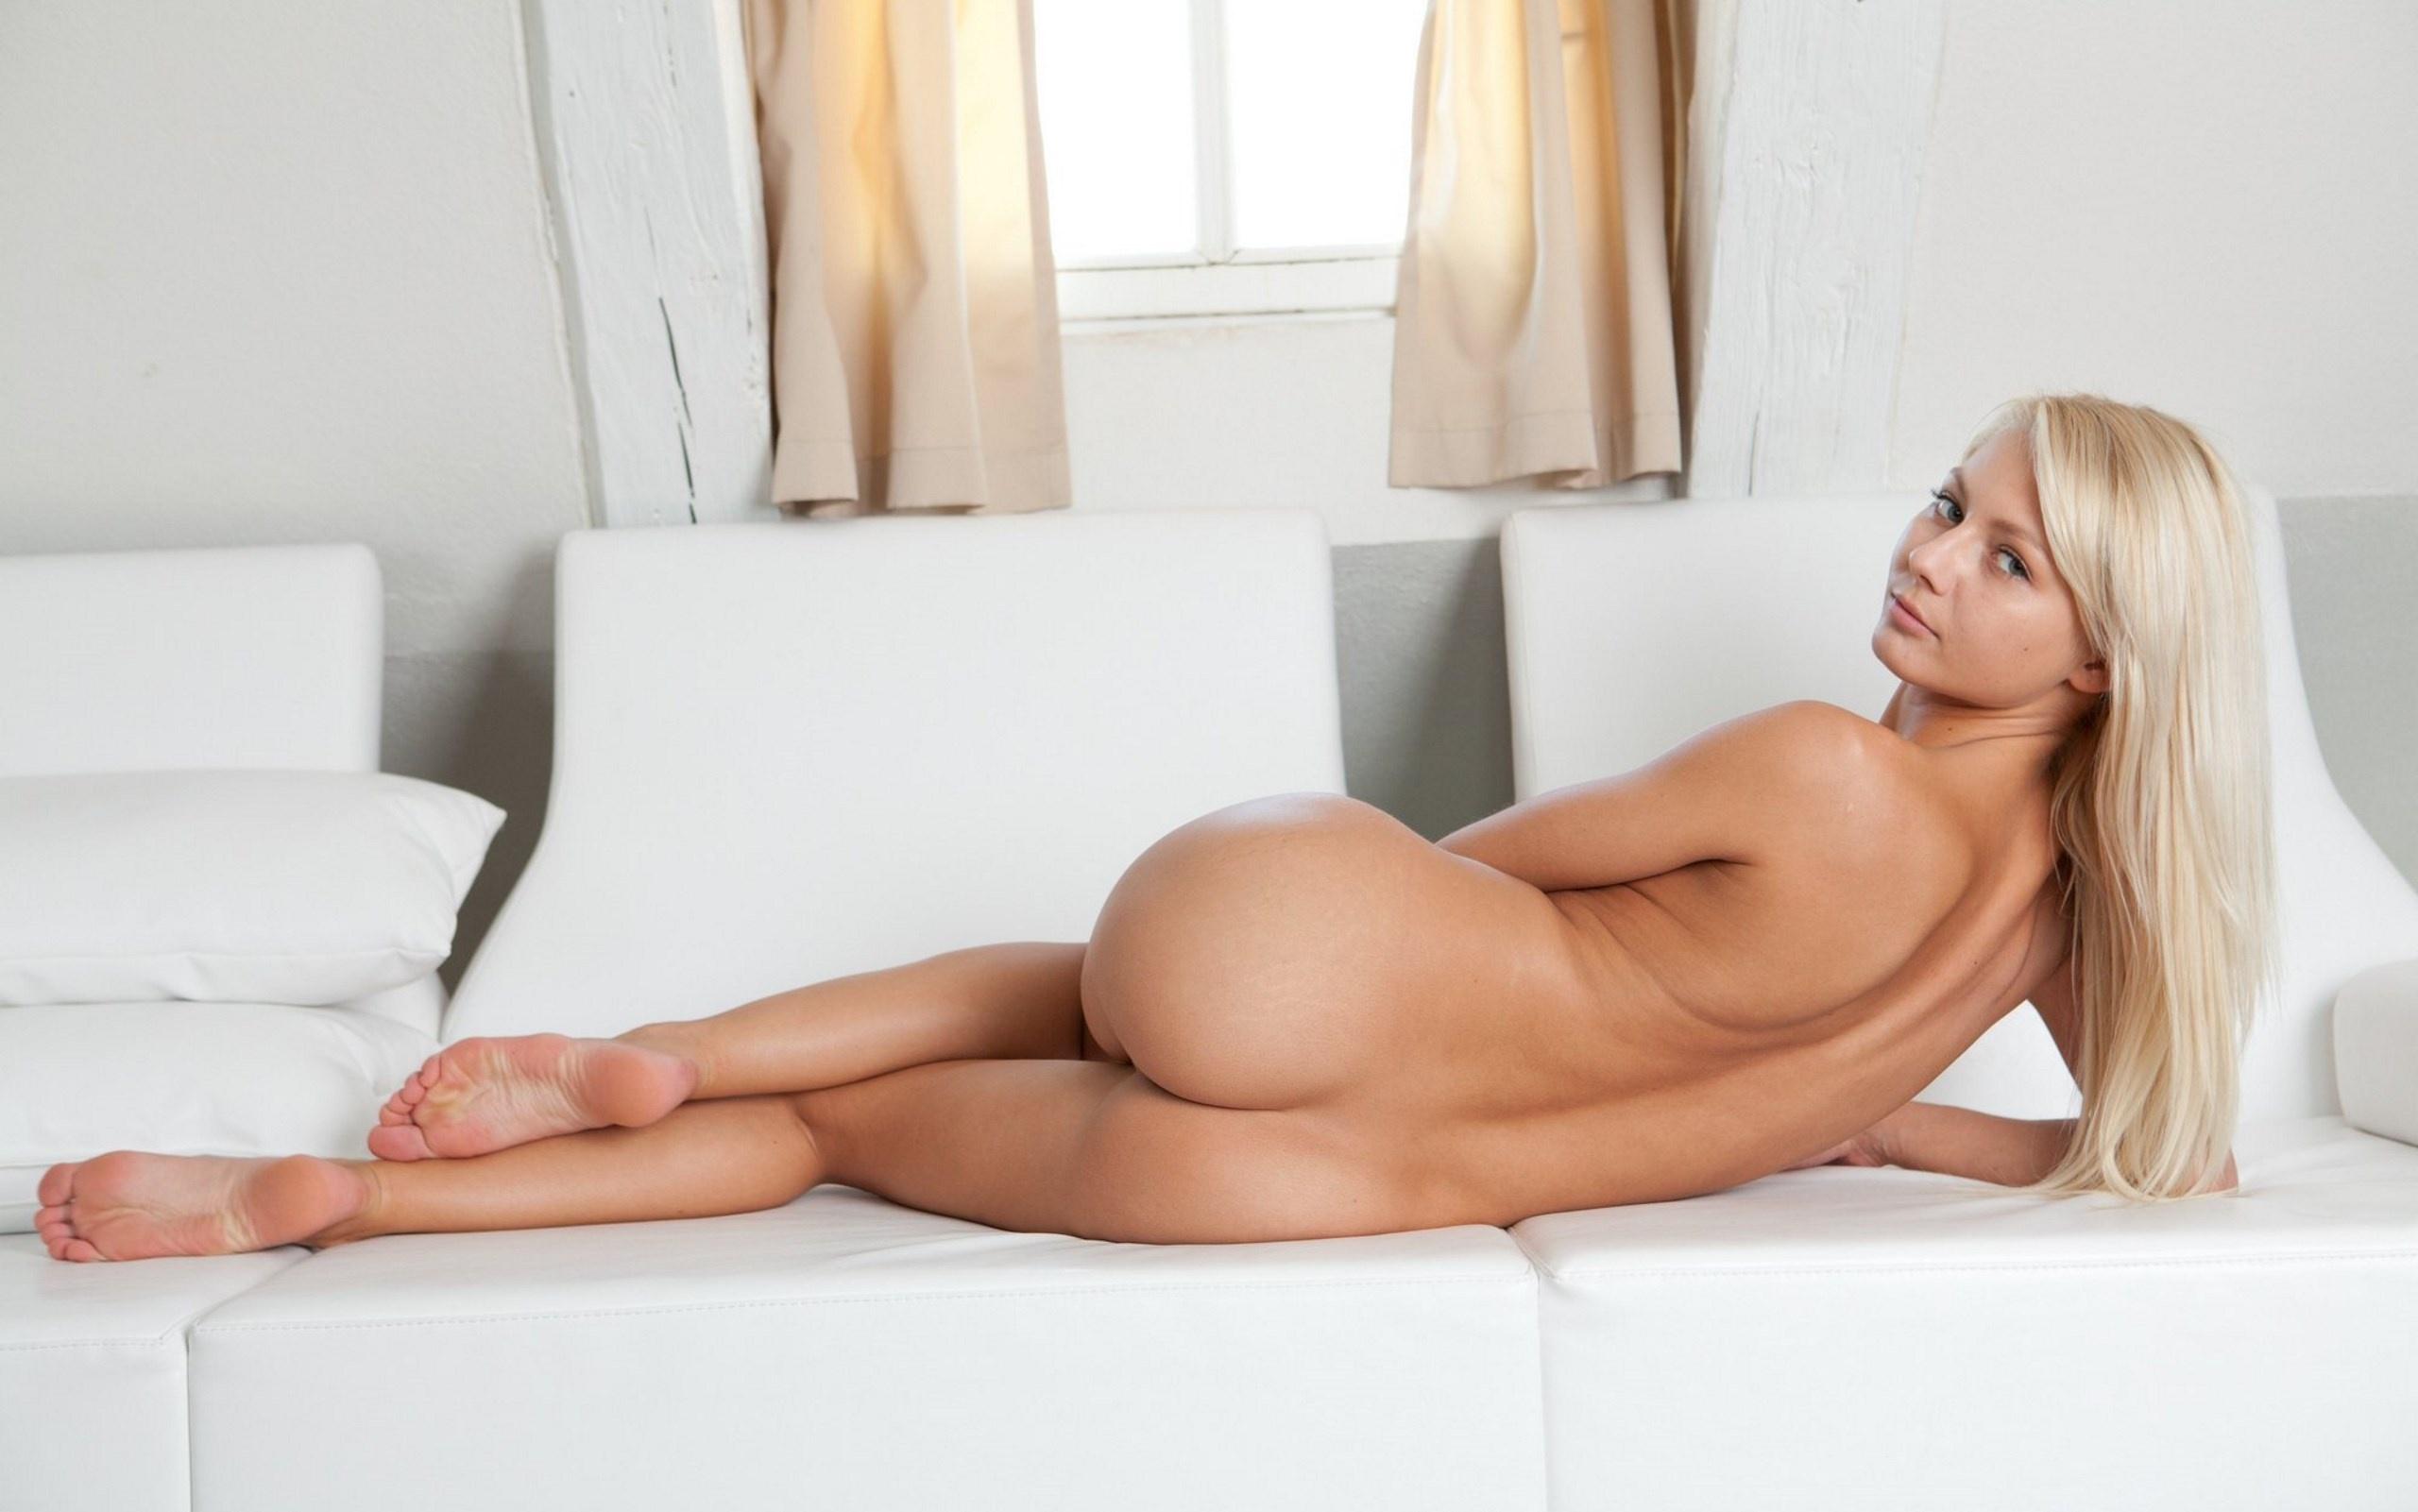 Karla torrecillas nude